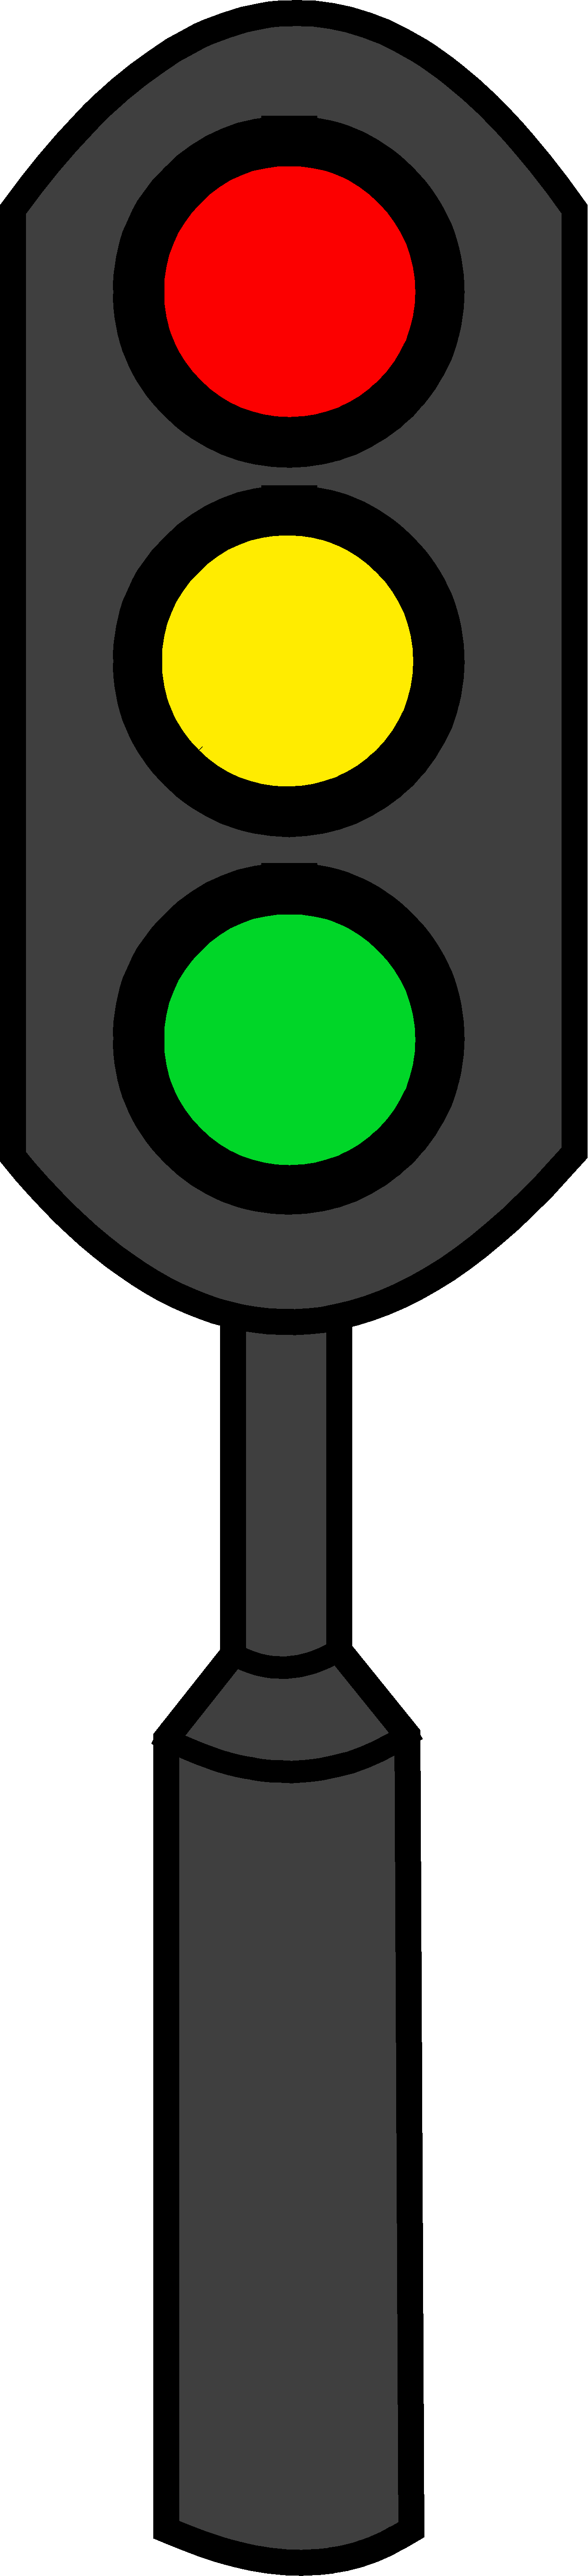 Traffic Light Clip Art - Free Clip Art